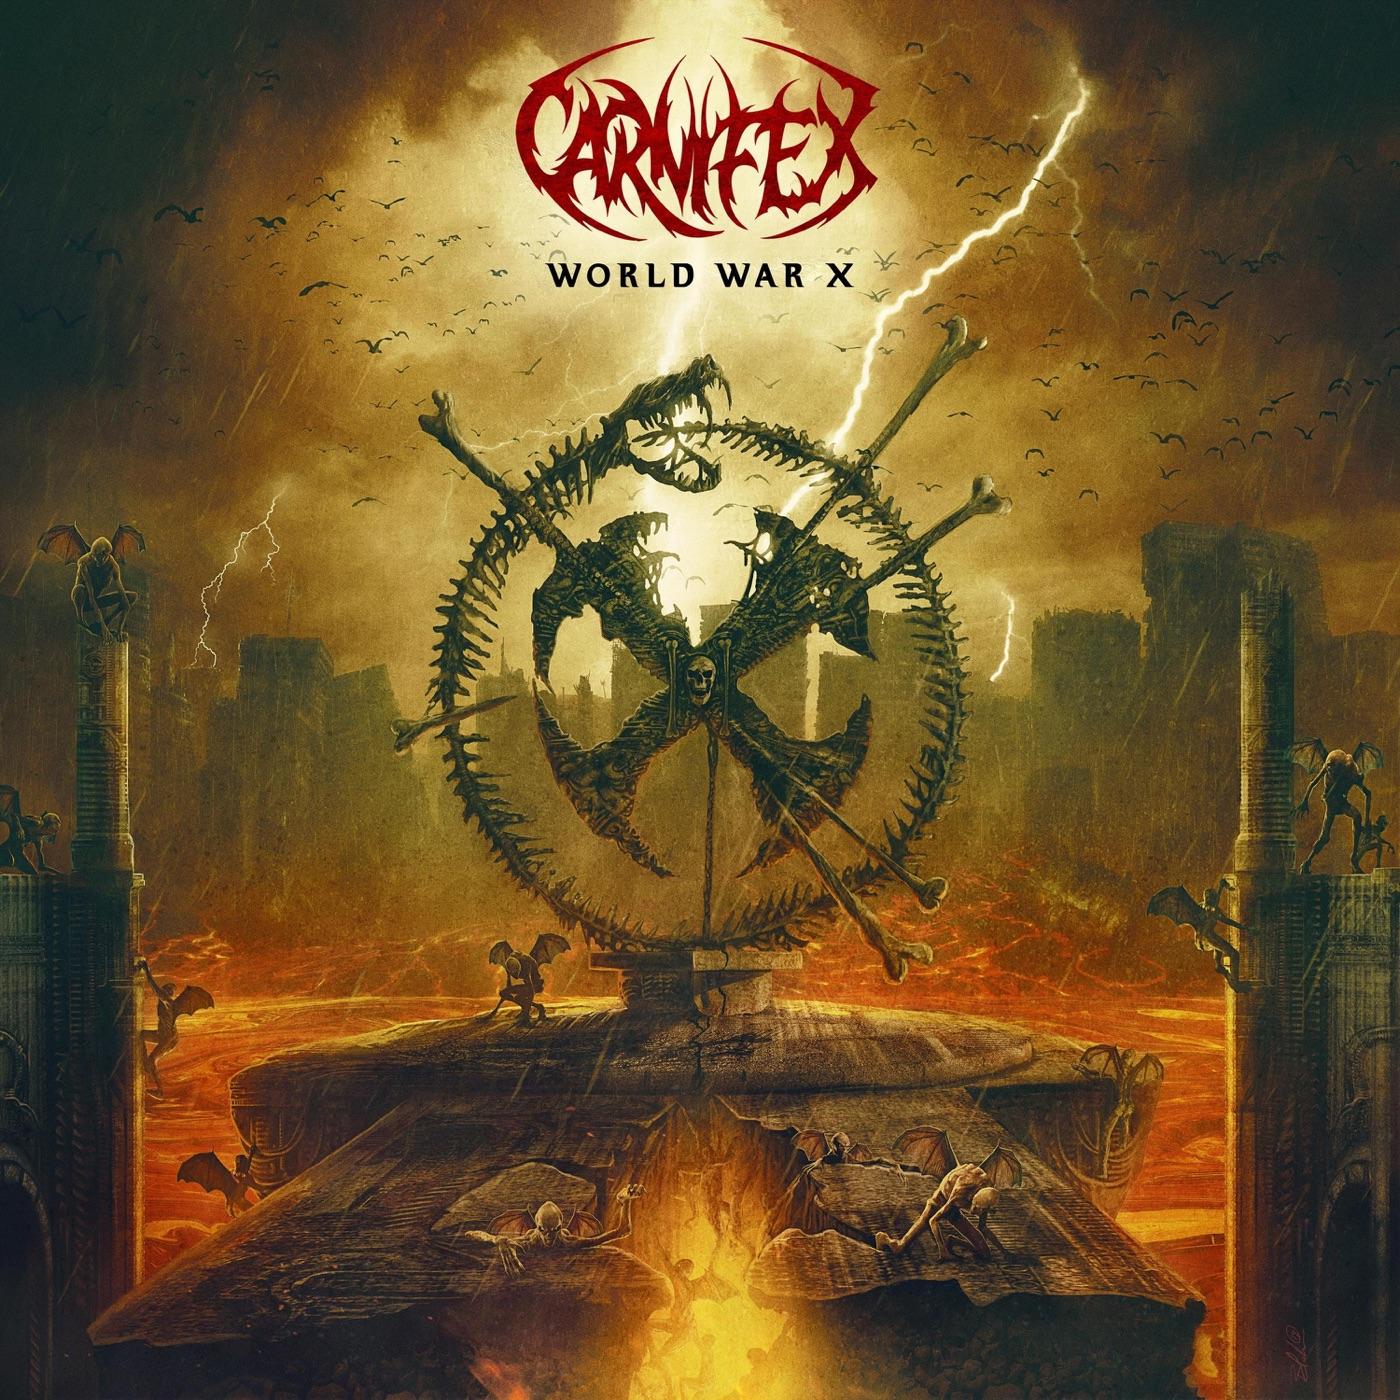 Carnifex - World War X [Single] (2019)